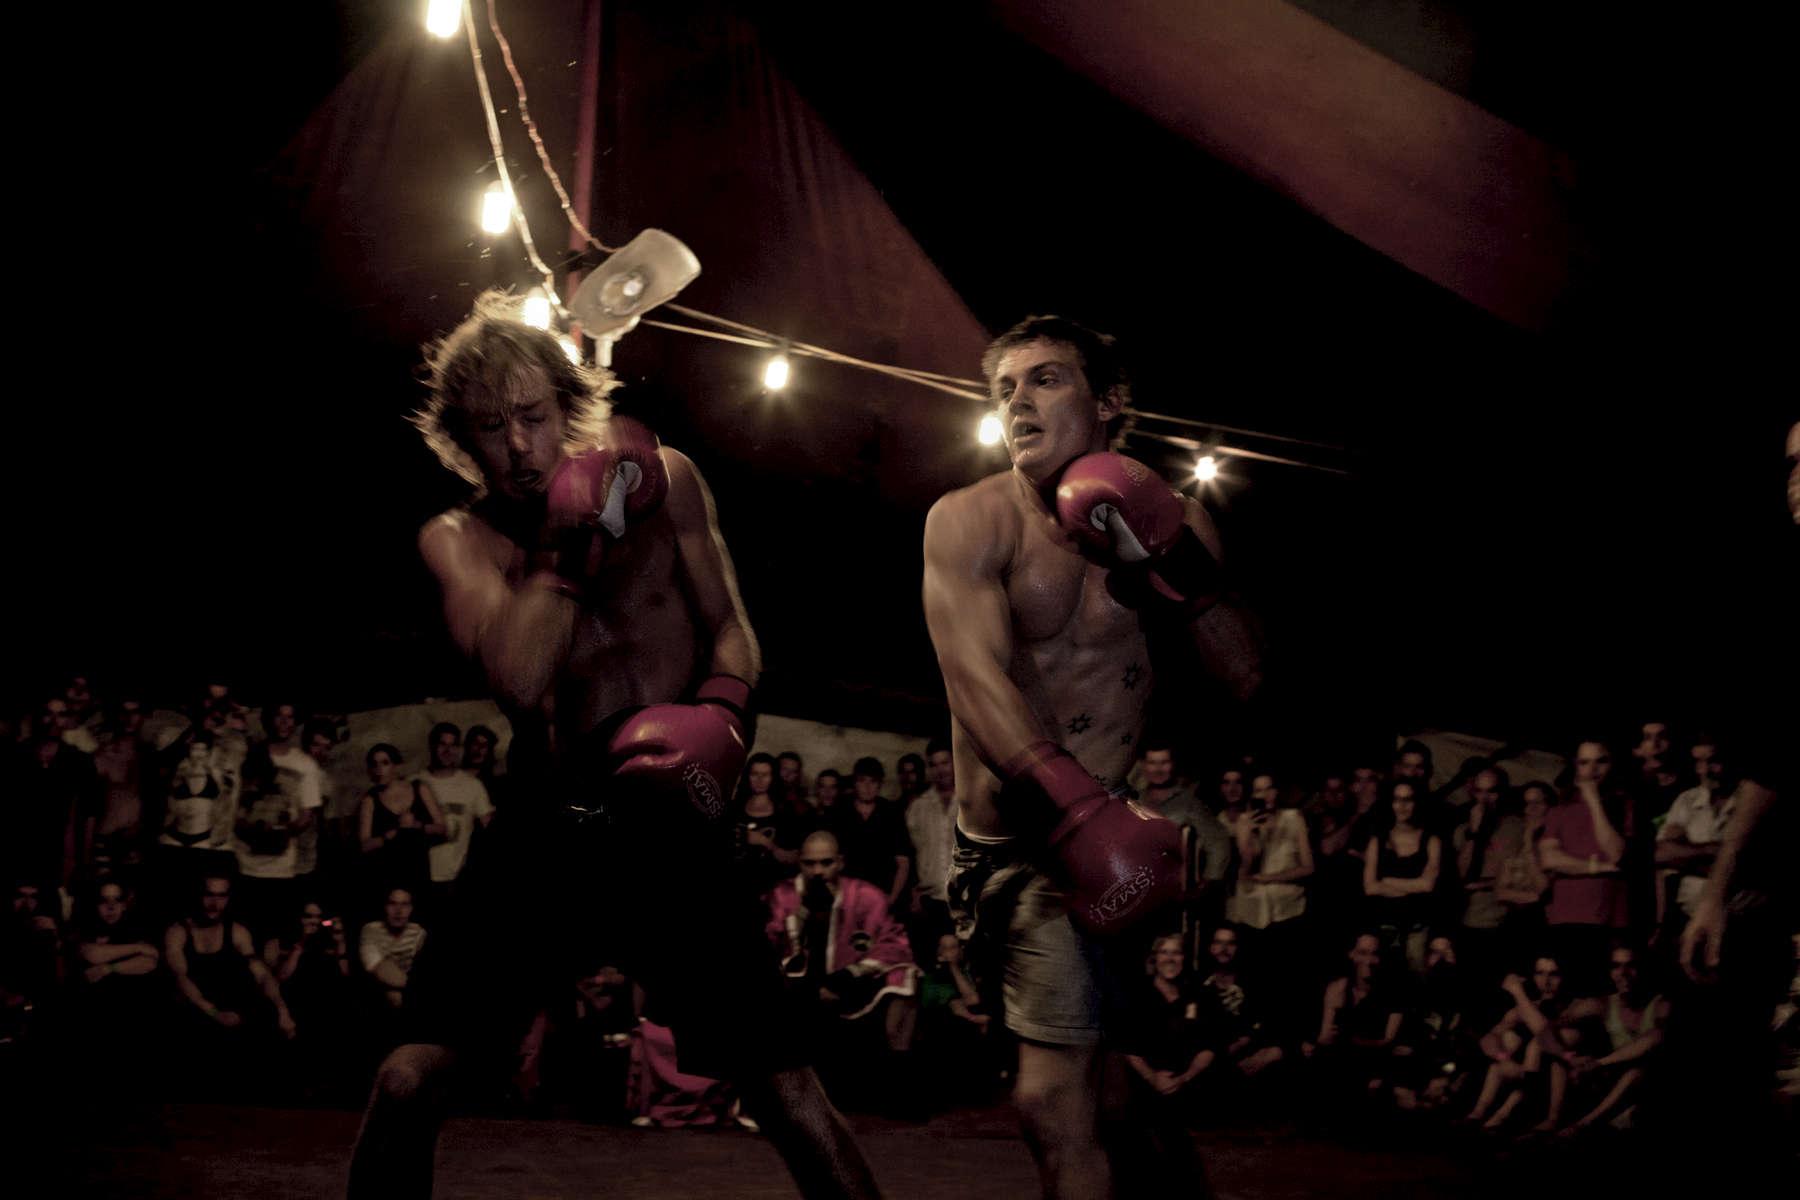 Ce soir, la Boxing Tent bat son plein, avec plus de 200 entrées. Noonamah Tavern près de Darwin, TN, Australie, Novembre 2011.